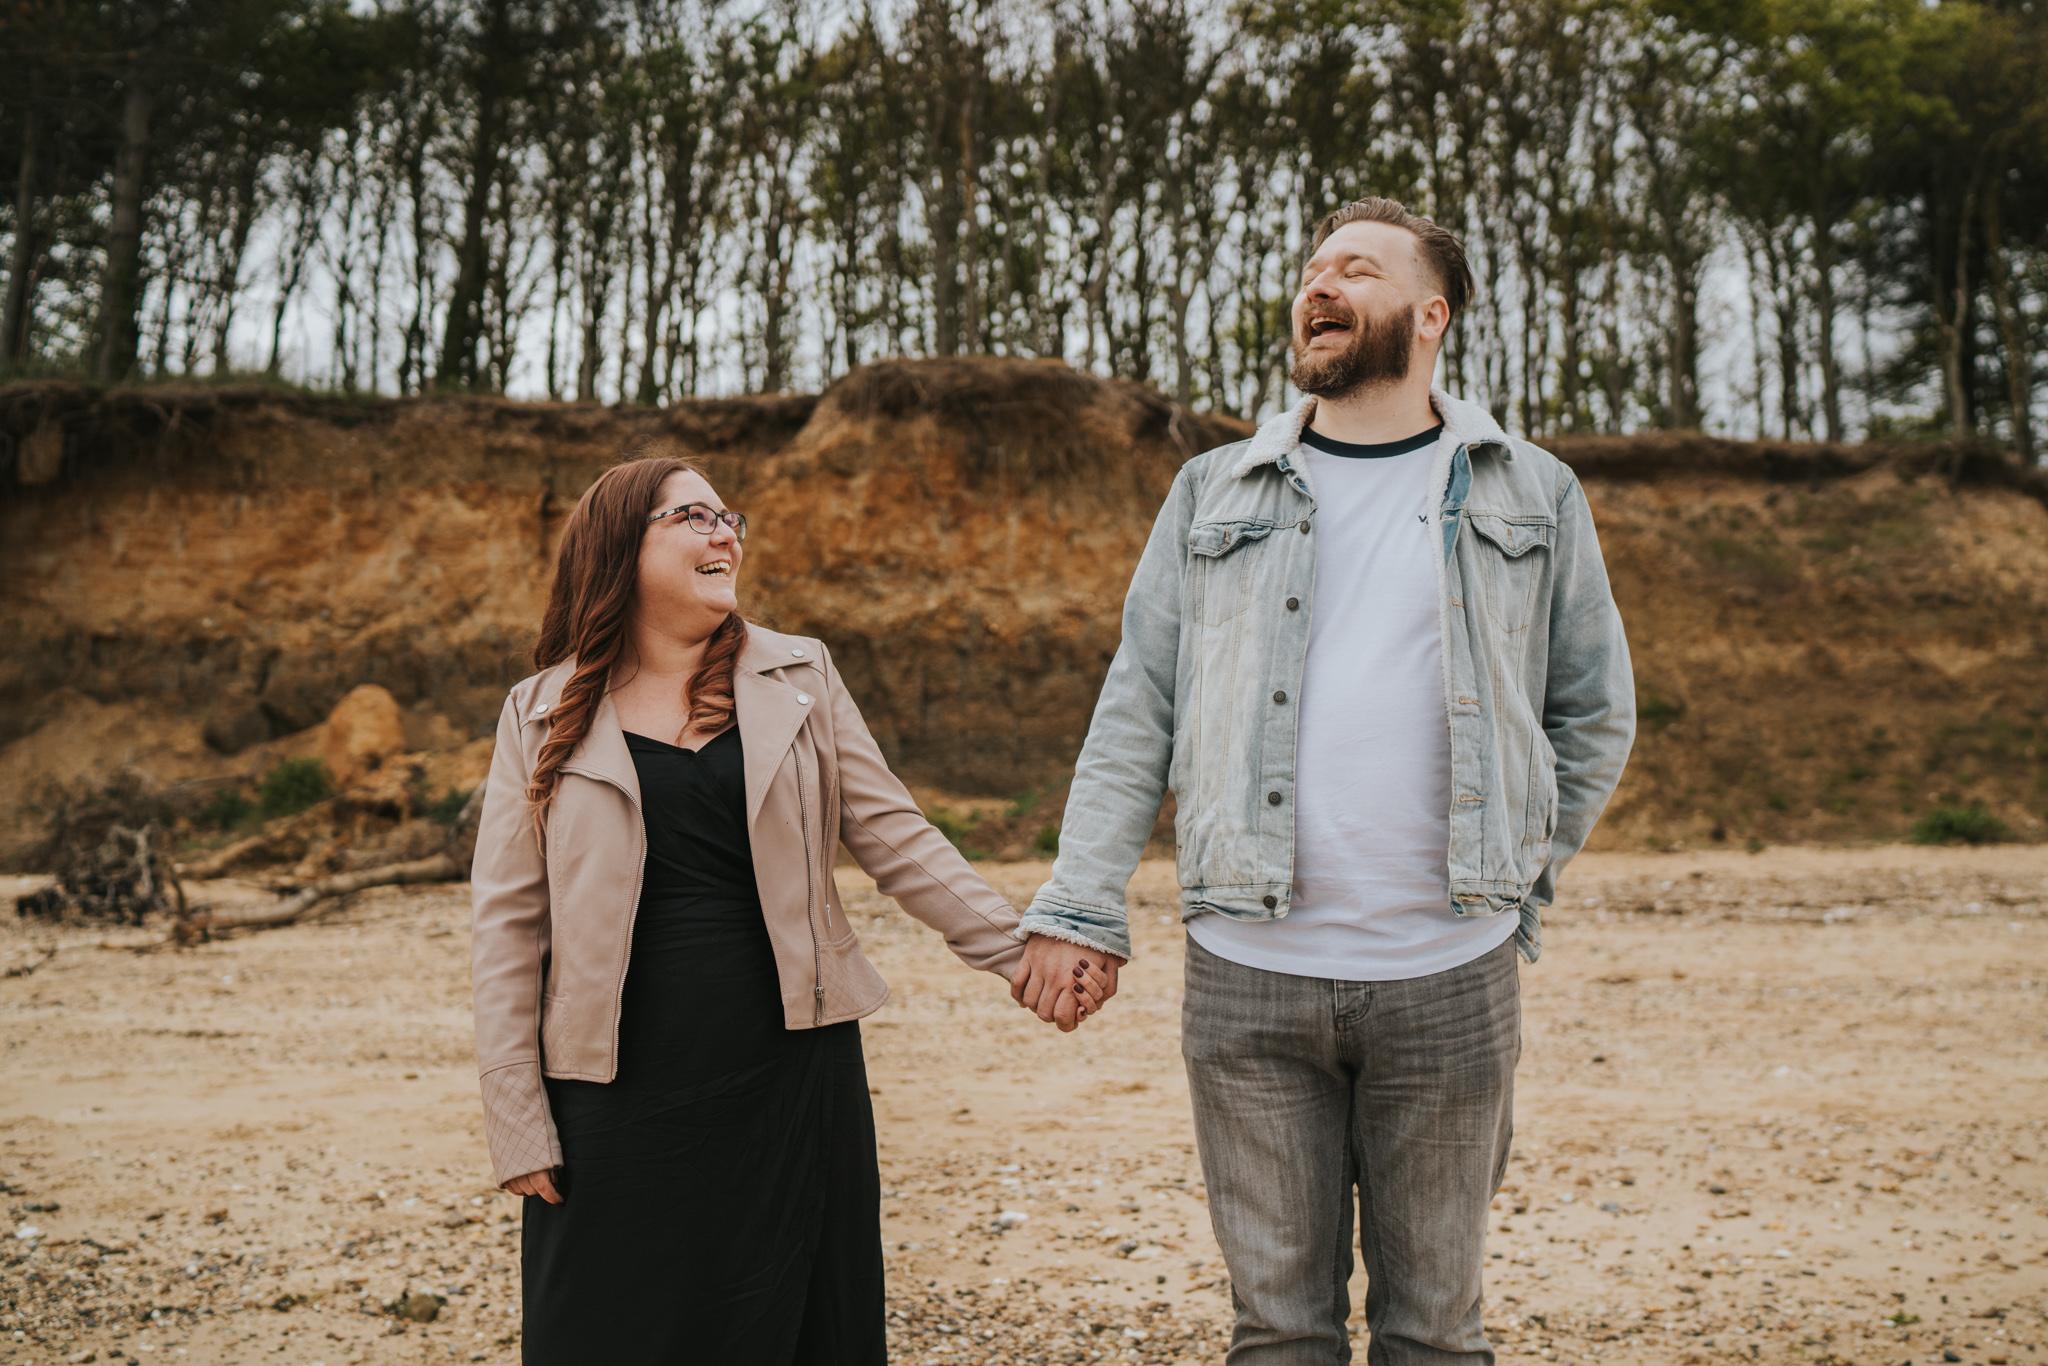 katrina-jim-cudmore-grove-beach-couple-engagement-session-grace-elizabeth-colchester-essex-alternative-wedding-lifestyle-photographer-essex-suffolk-norfolk-devon (9 of 47).jpg